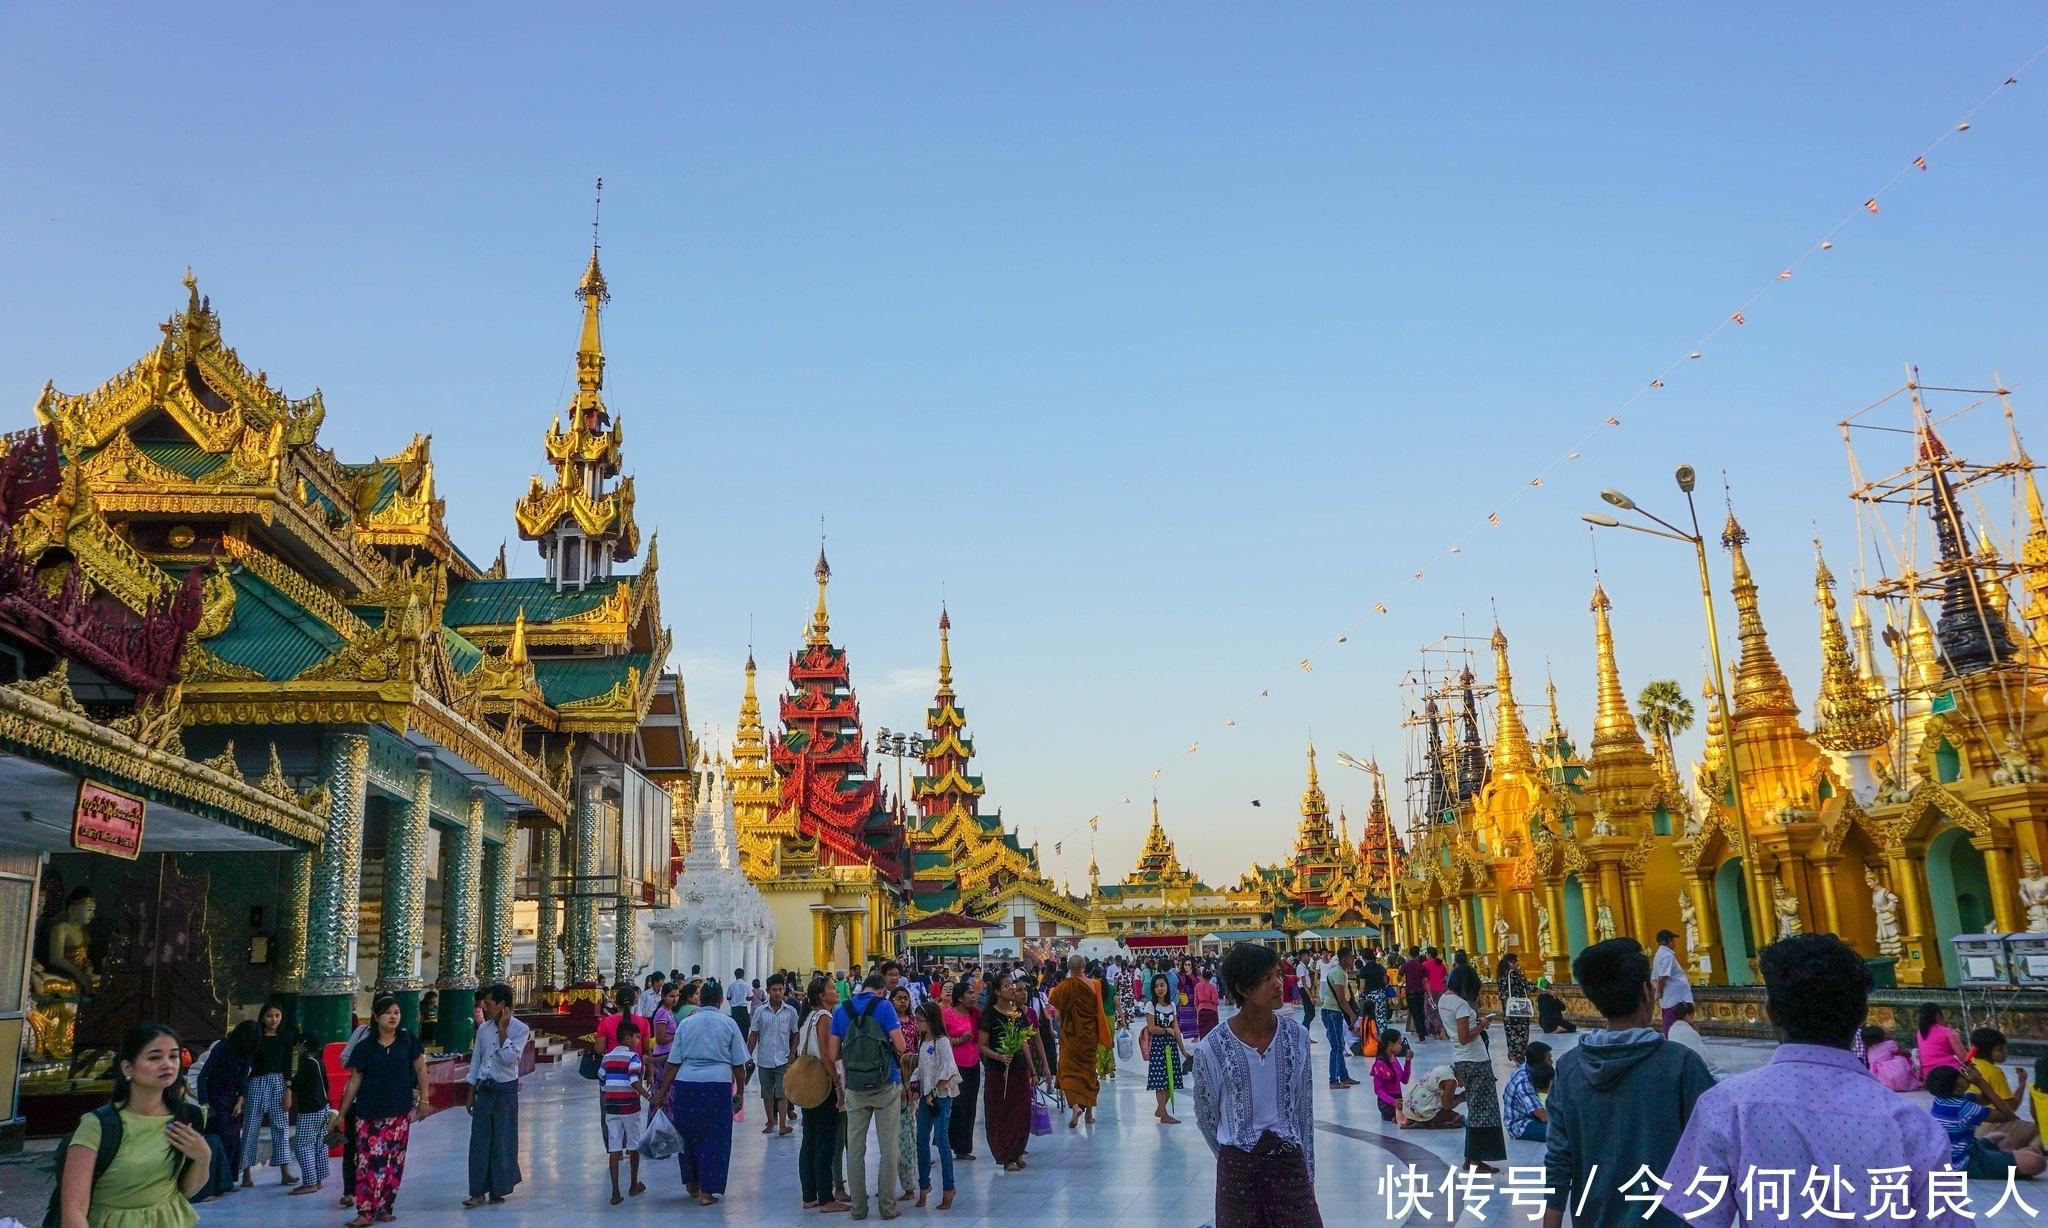 泰国老挝越南知道为什么越来越多的中国游客爱去东南亚旅游吗